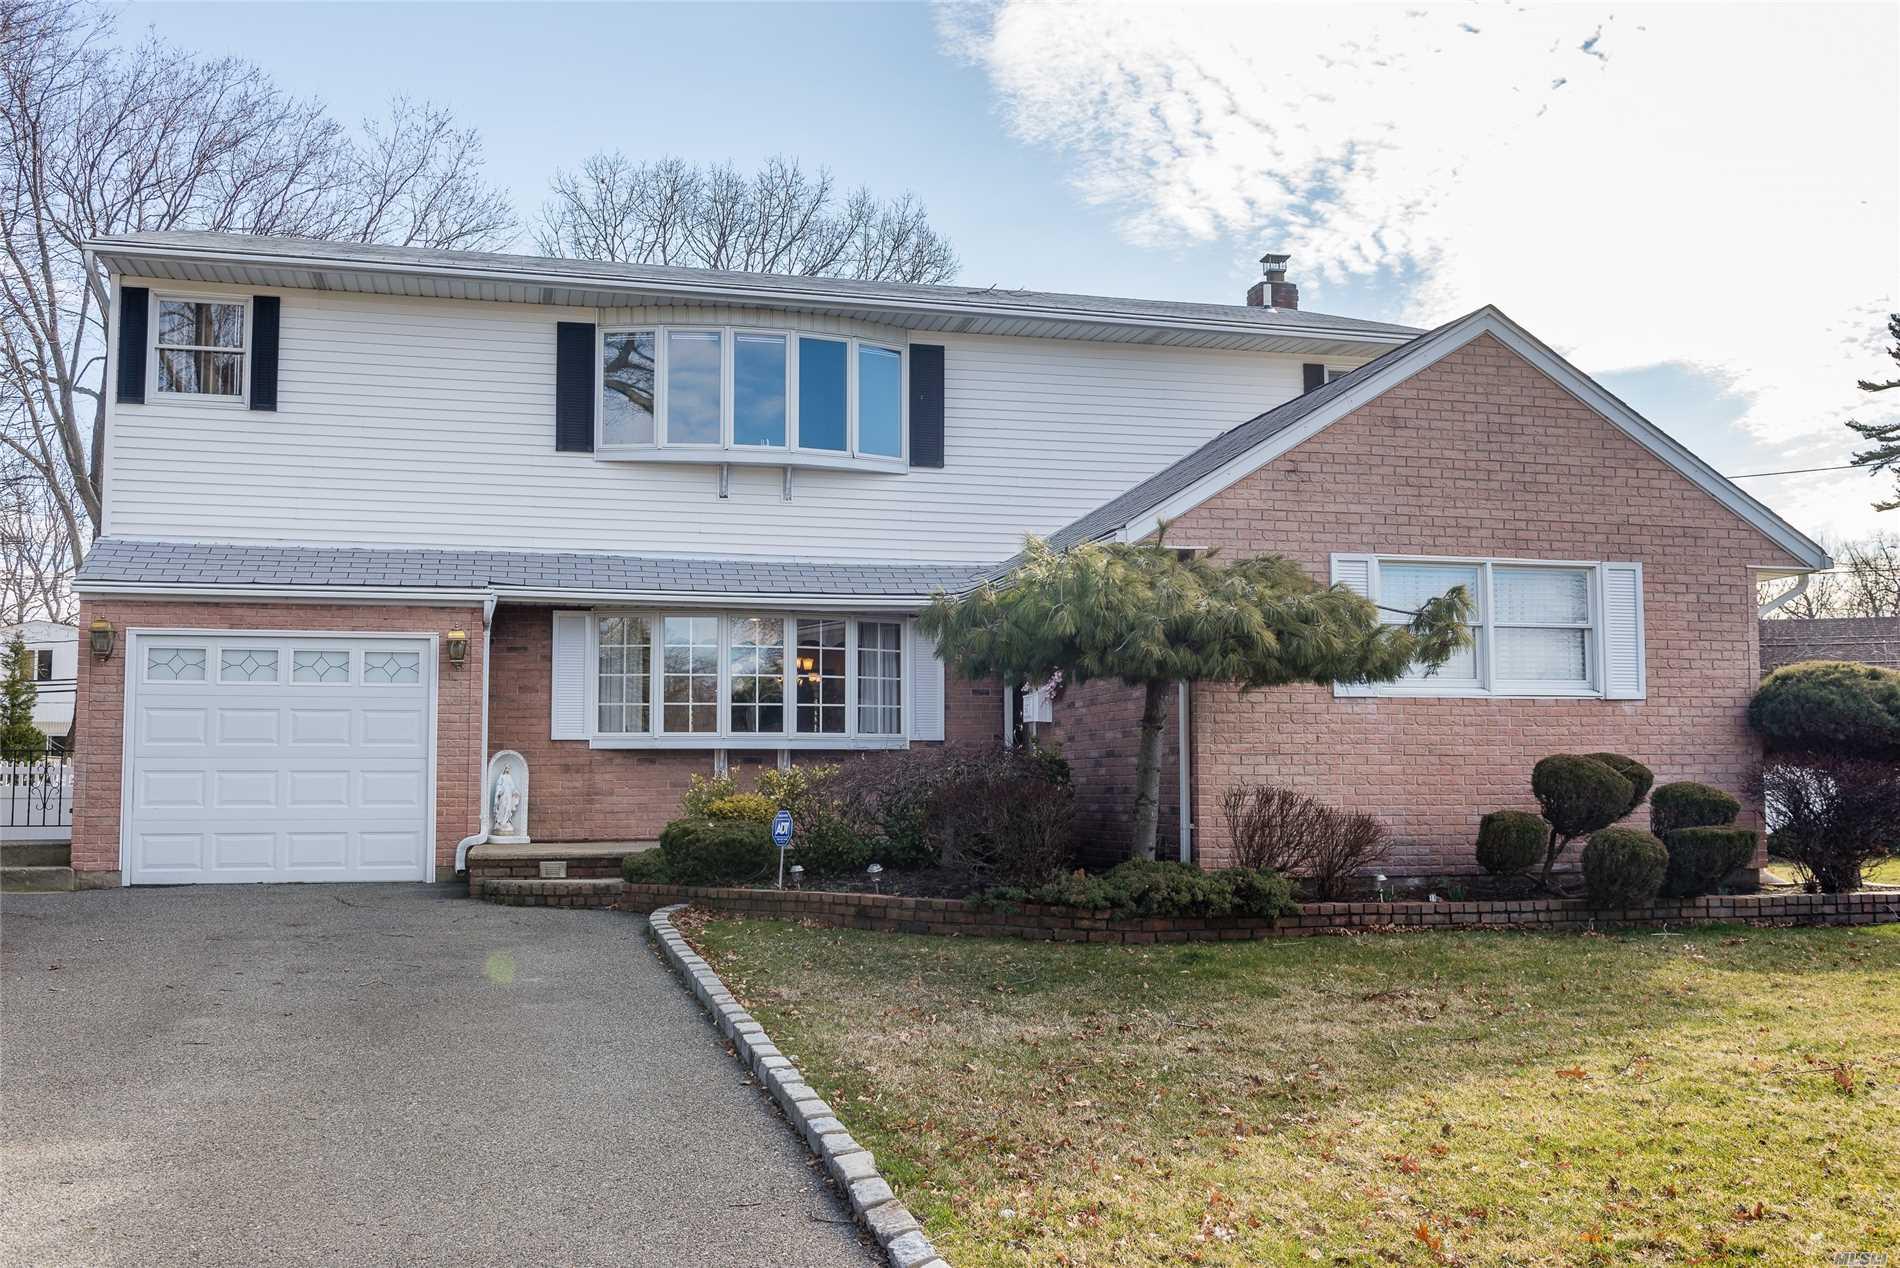 997 Huckleberry Rd - N. Bellmore, New York